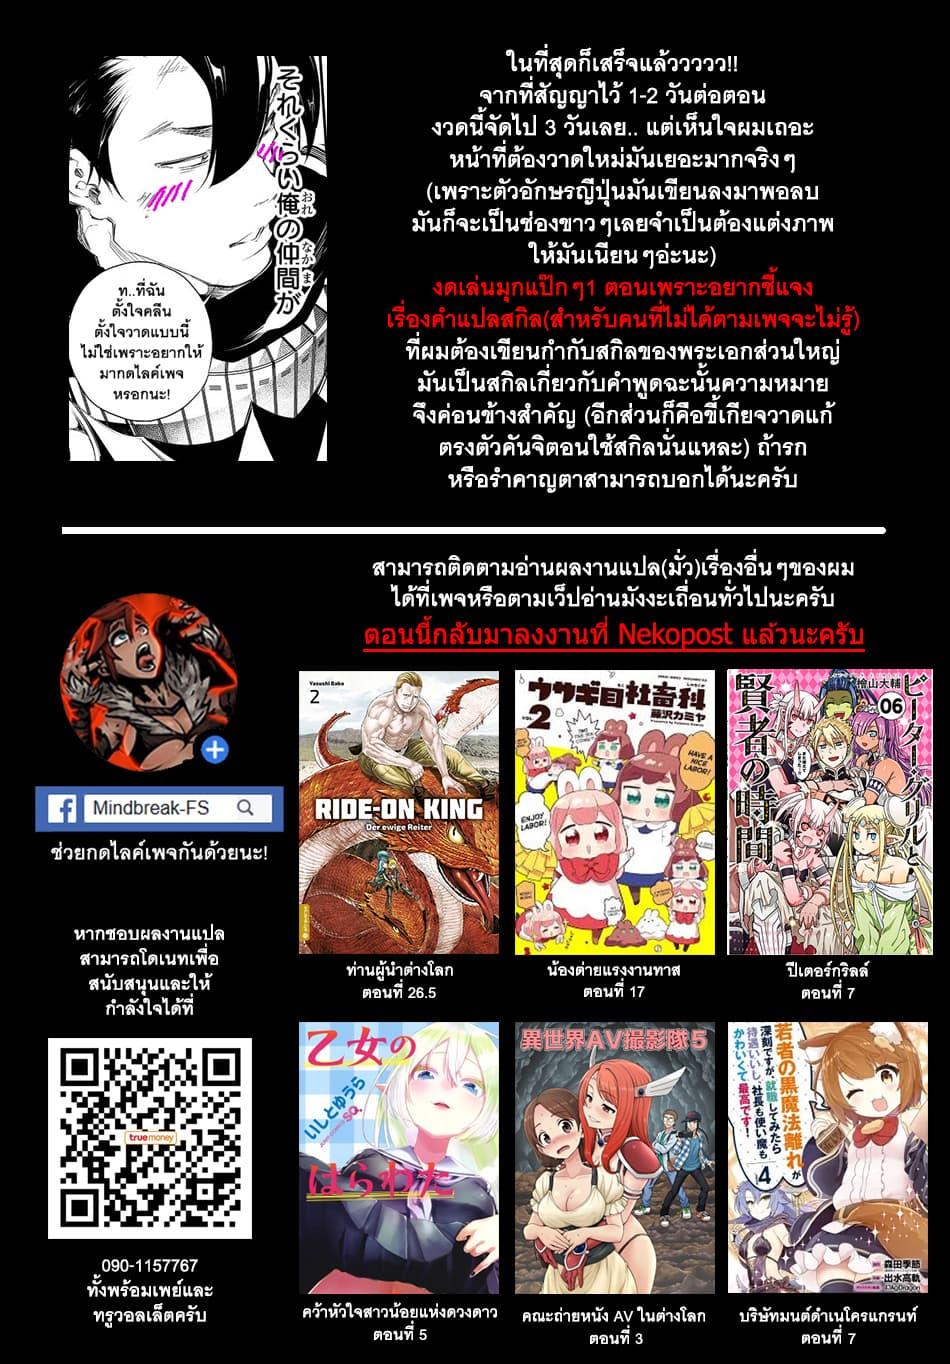 อ่านการ์ตูน Saikyou no Shien-shoku Wajutsushi Dearu Ore wa Sekai Saikyou Kuran o Shitagaeru ตอนที่ 2 หน้าที่ 45